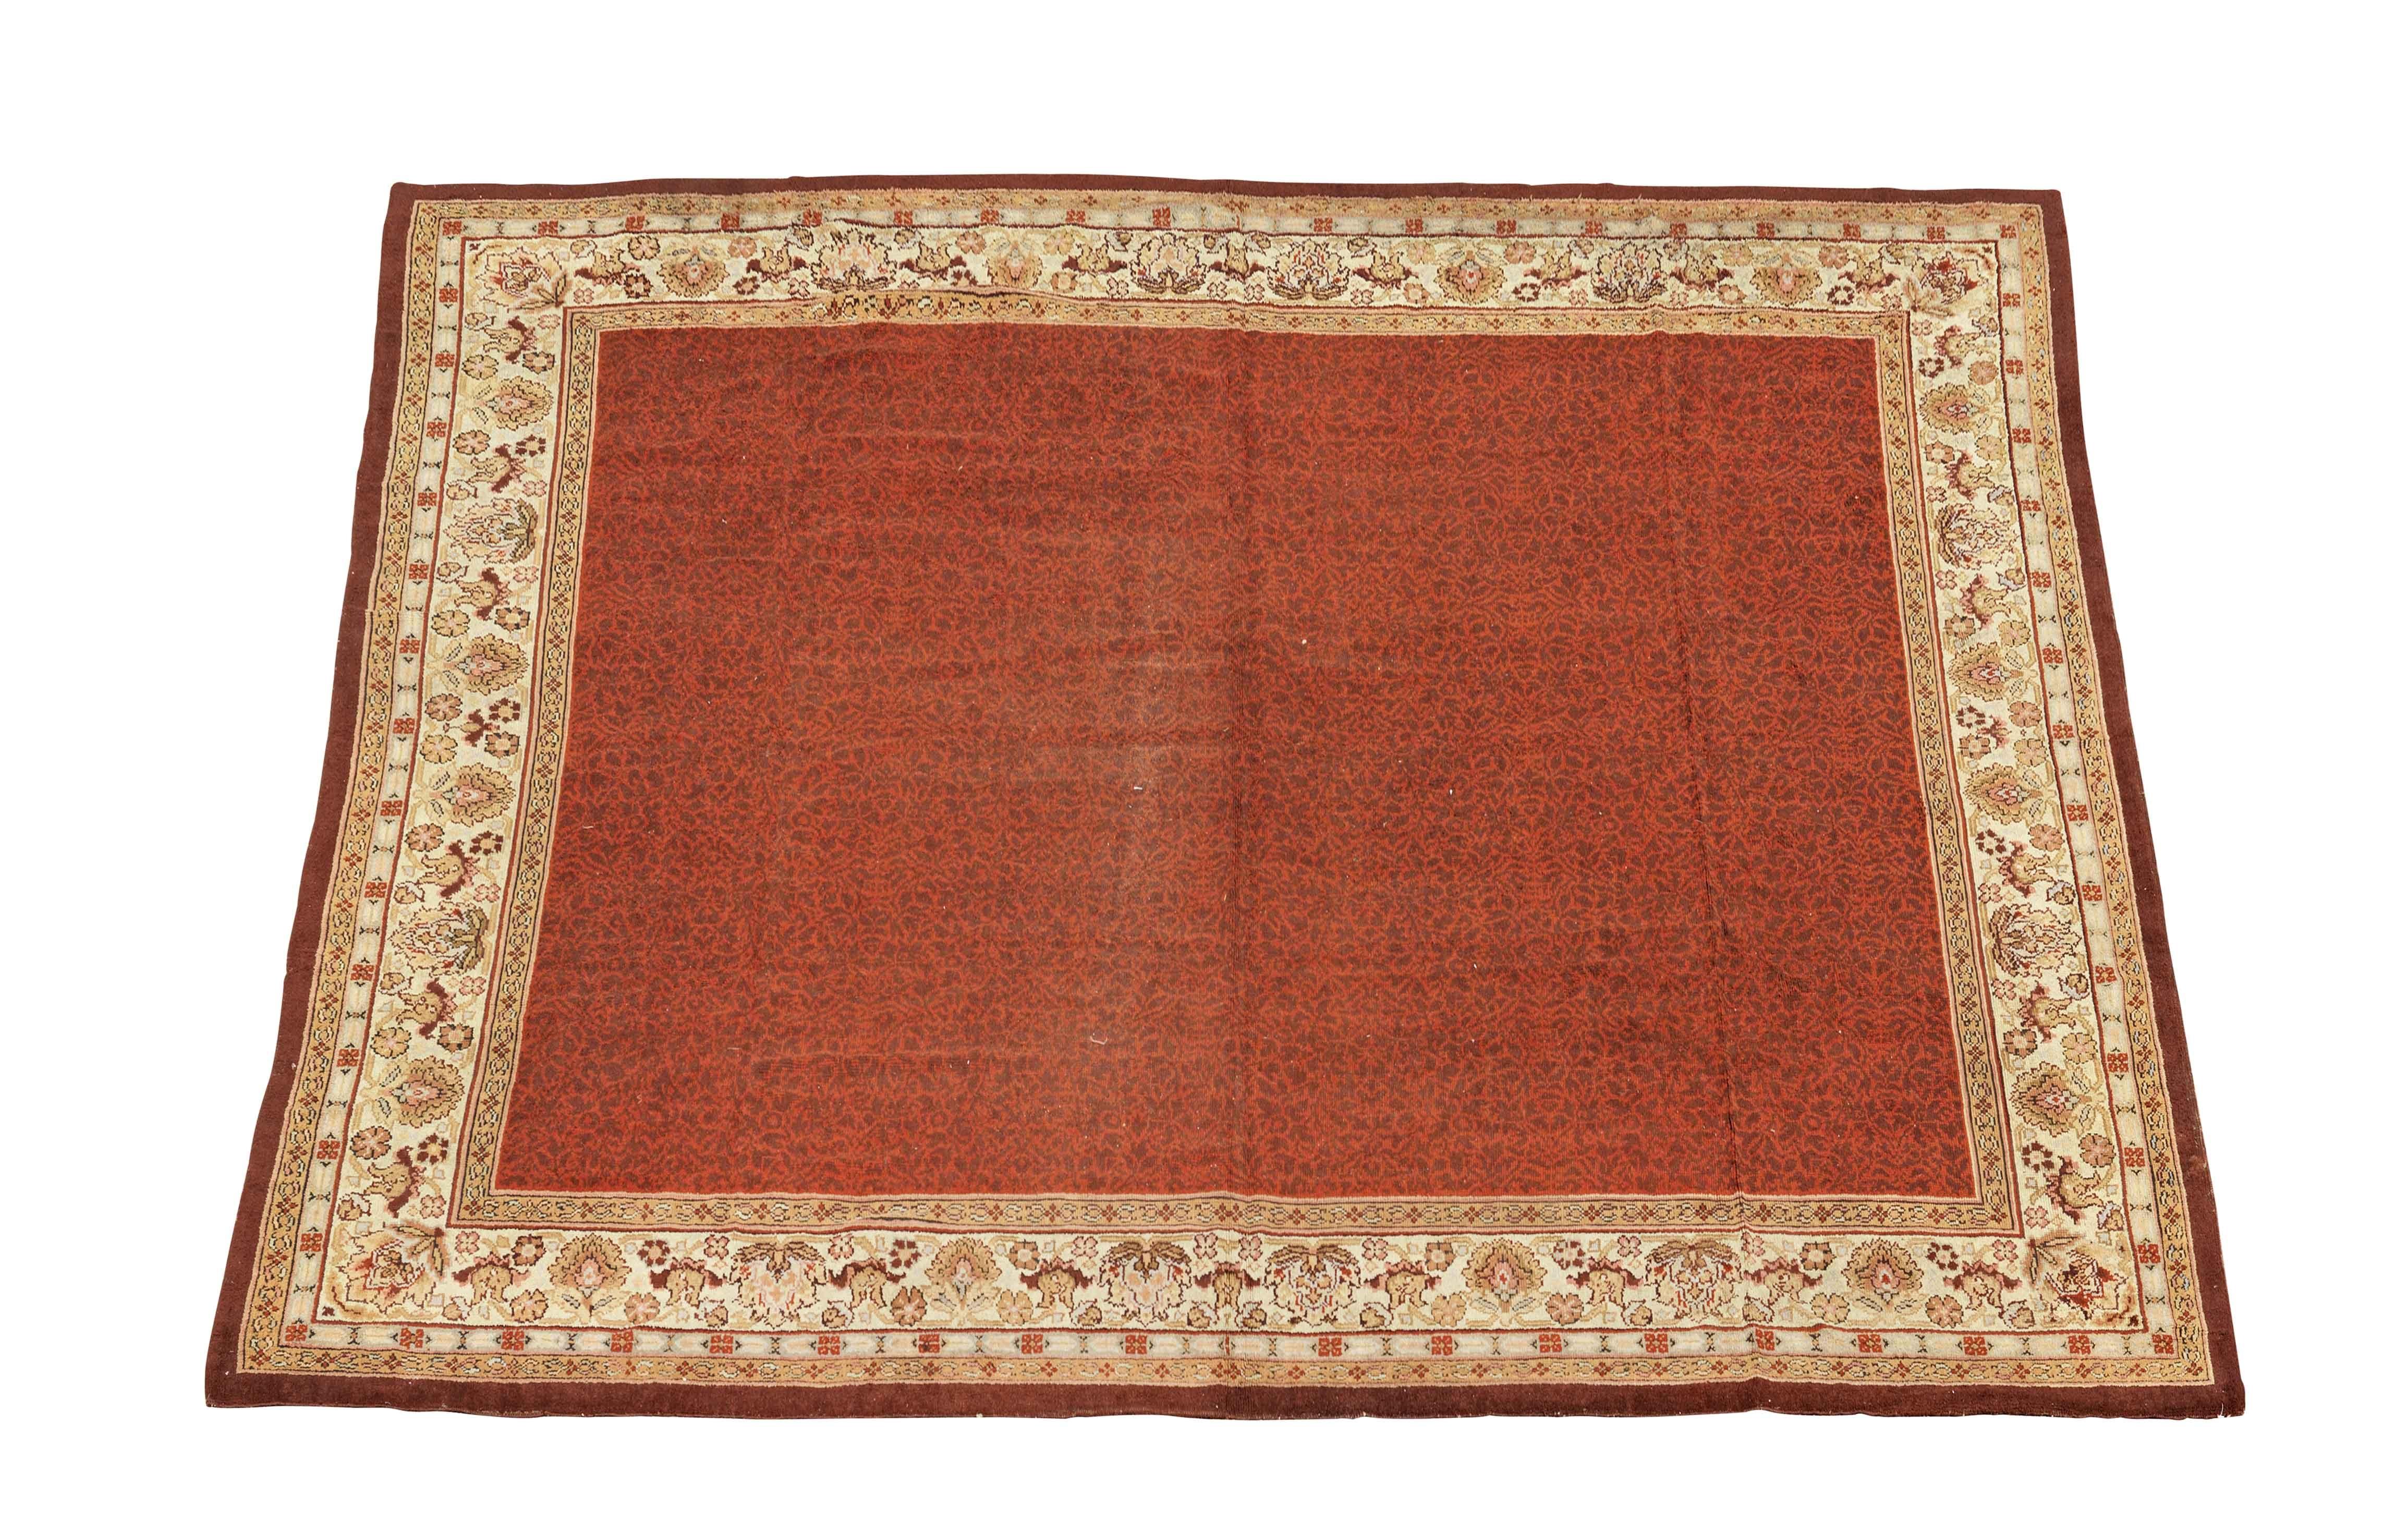 An impressive Axminster Carpet England 607cm x 579cm